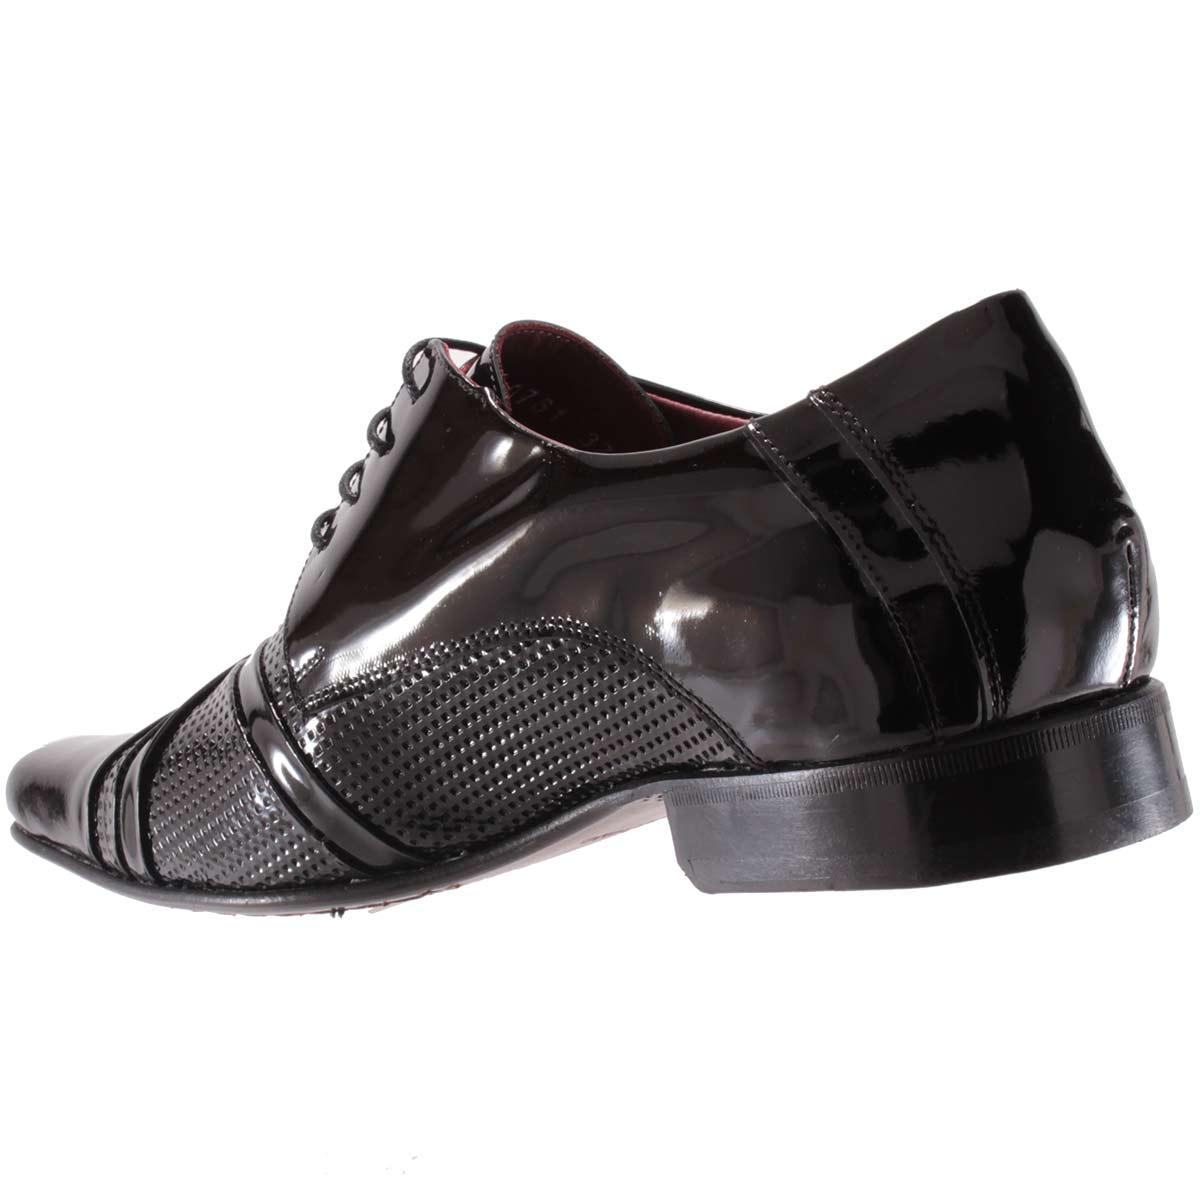 Sapato Social Gofer Masculino Couro Verniz Legítimo 0761